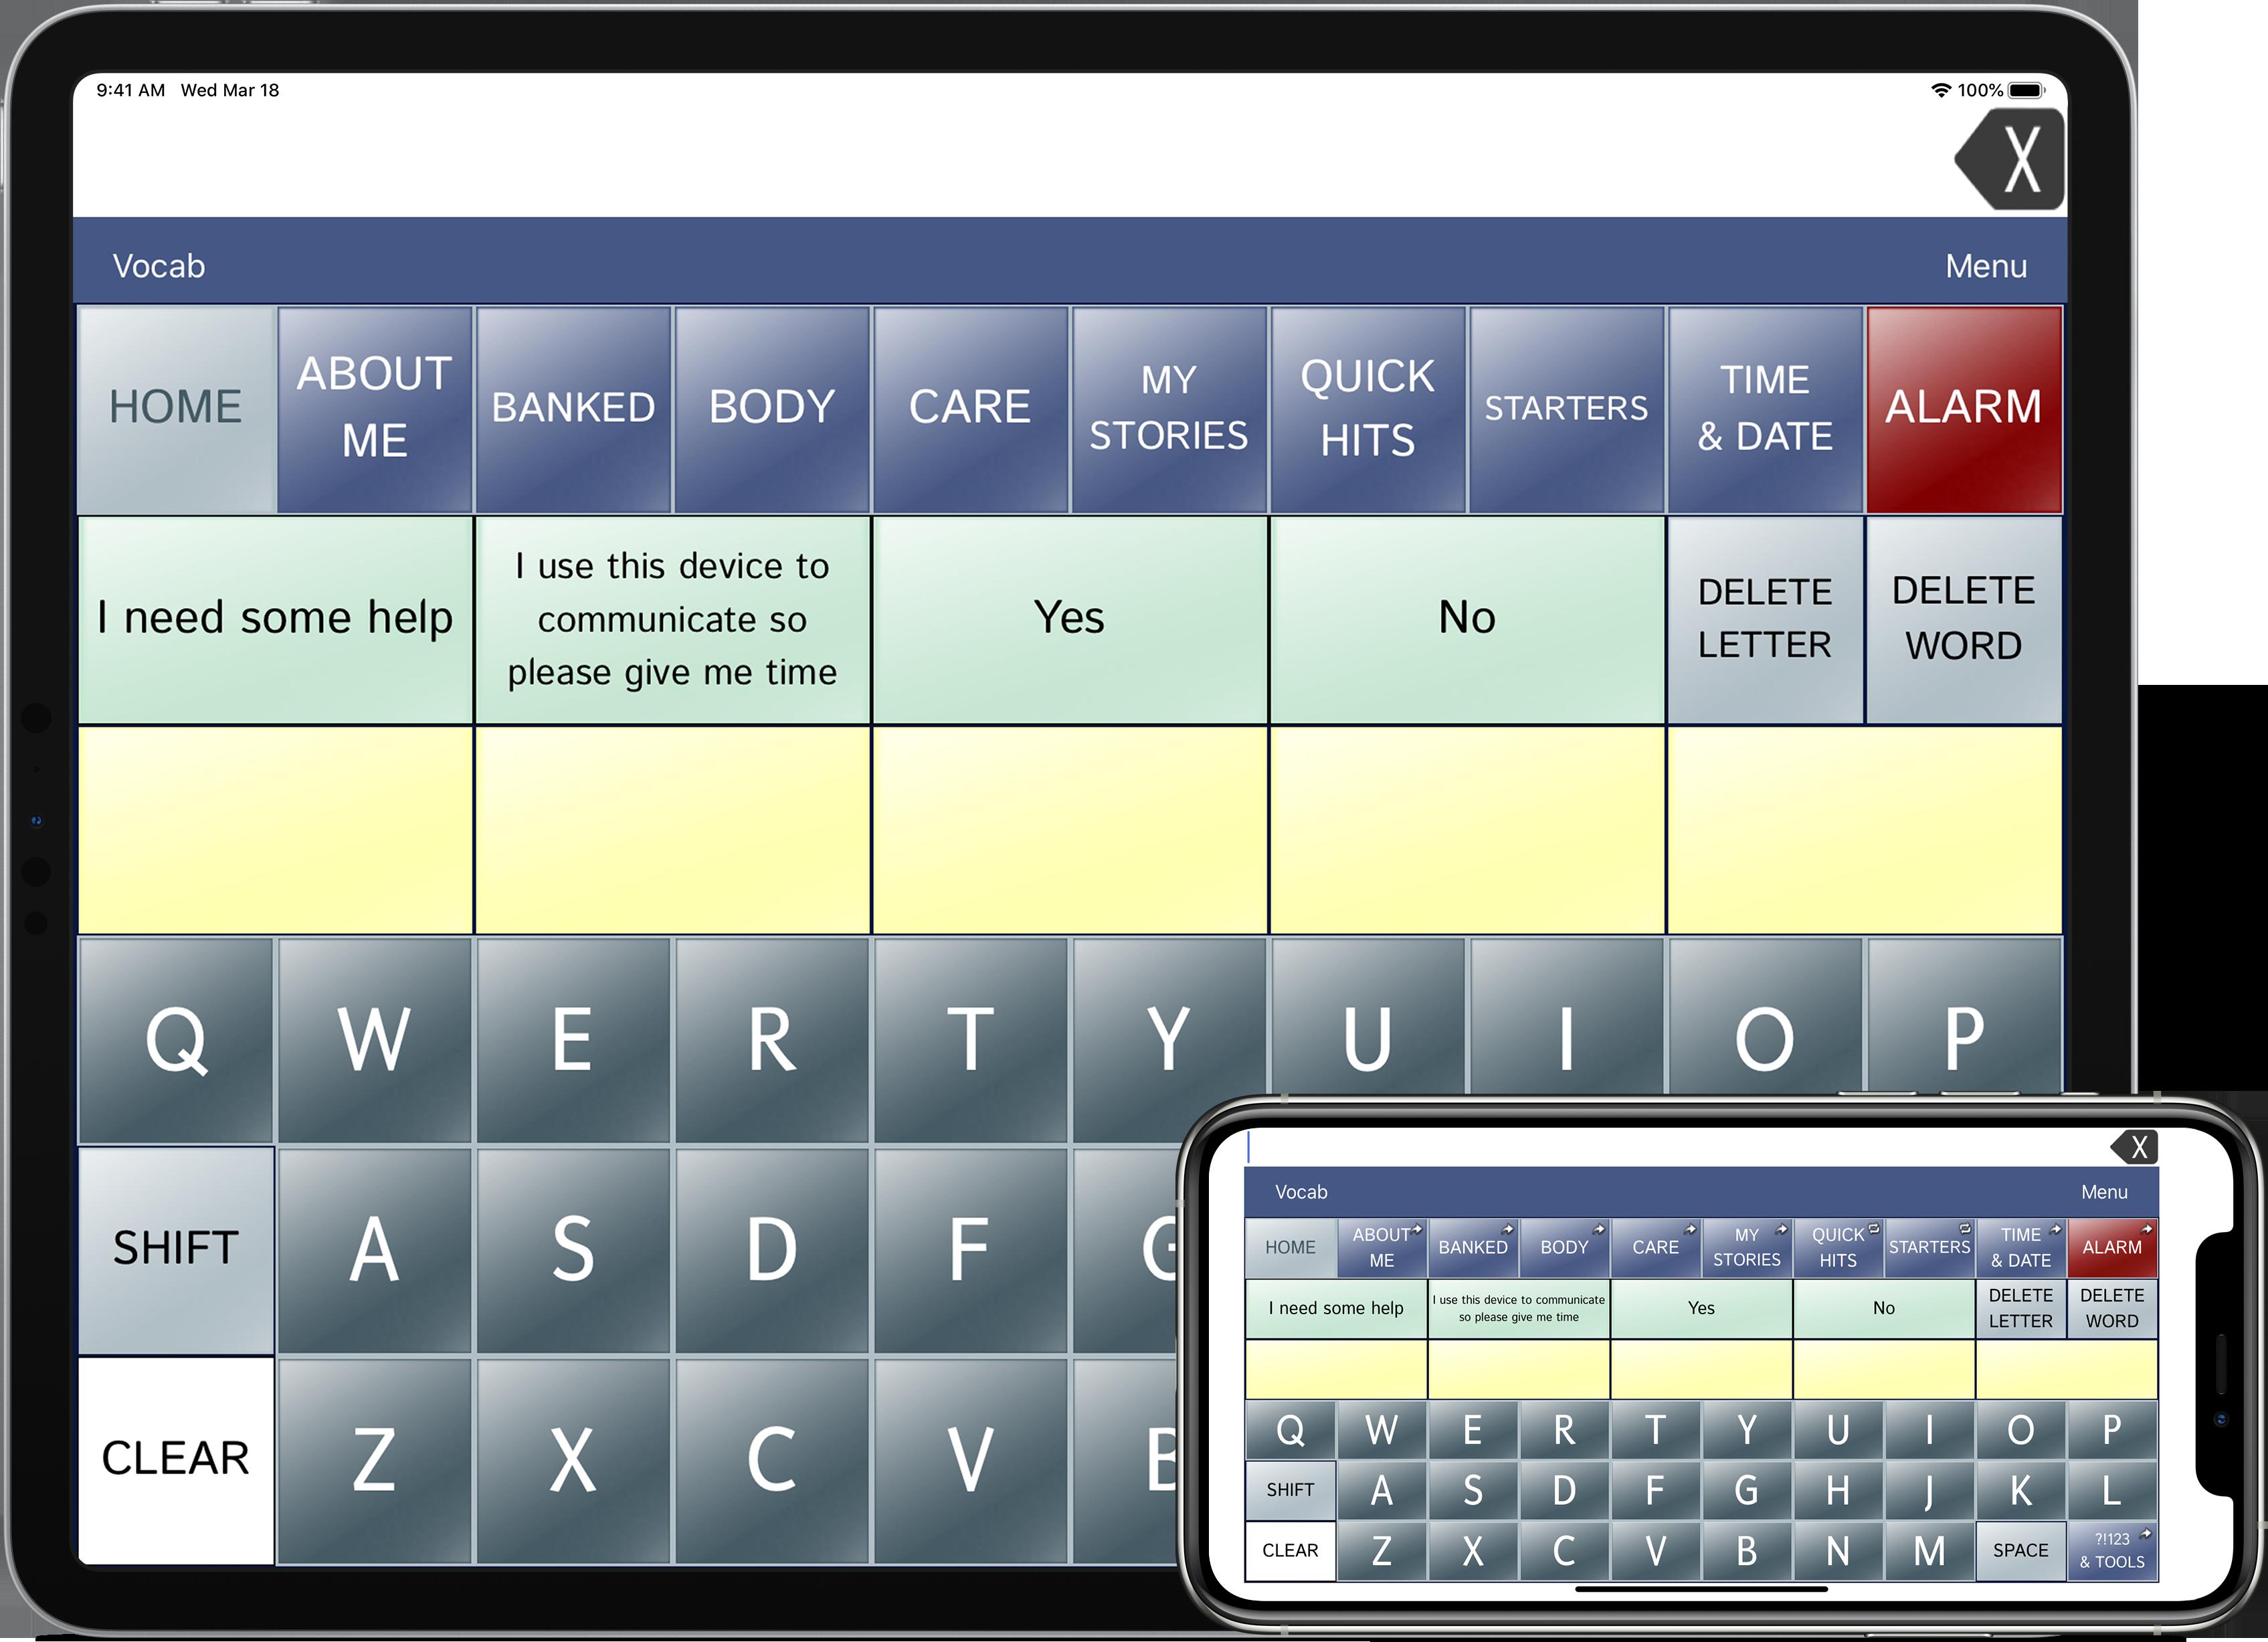 ipad and iphone dialogue